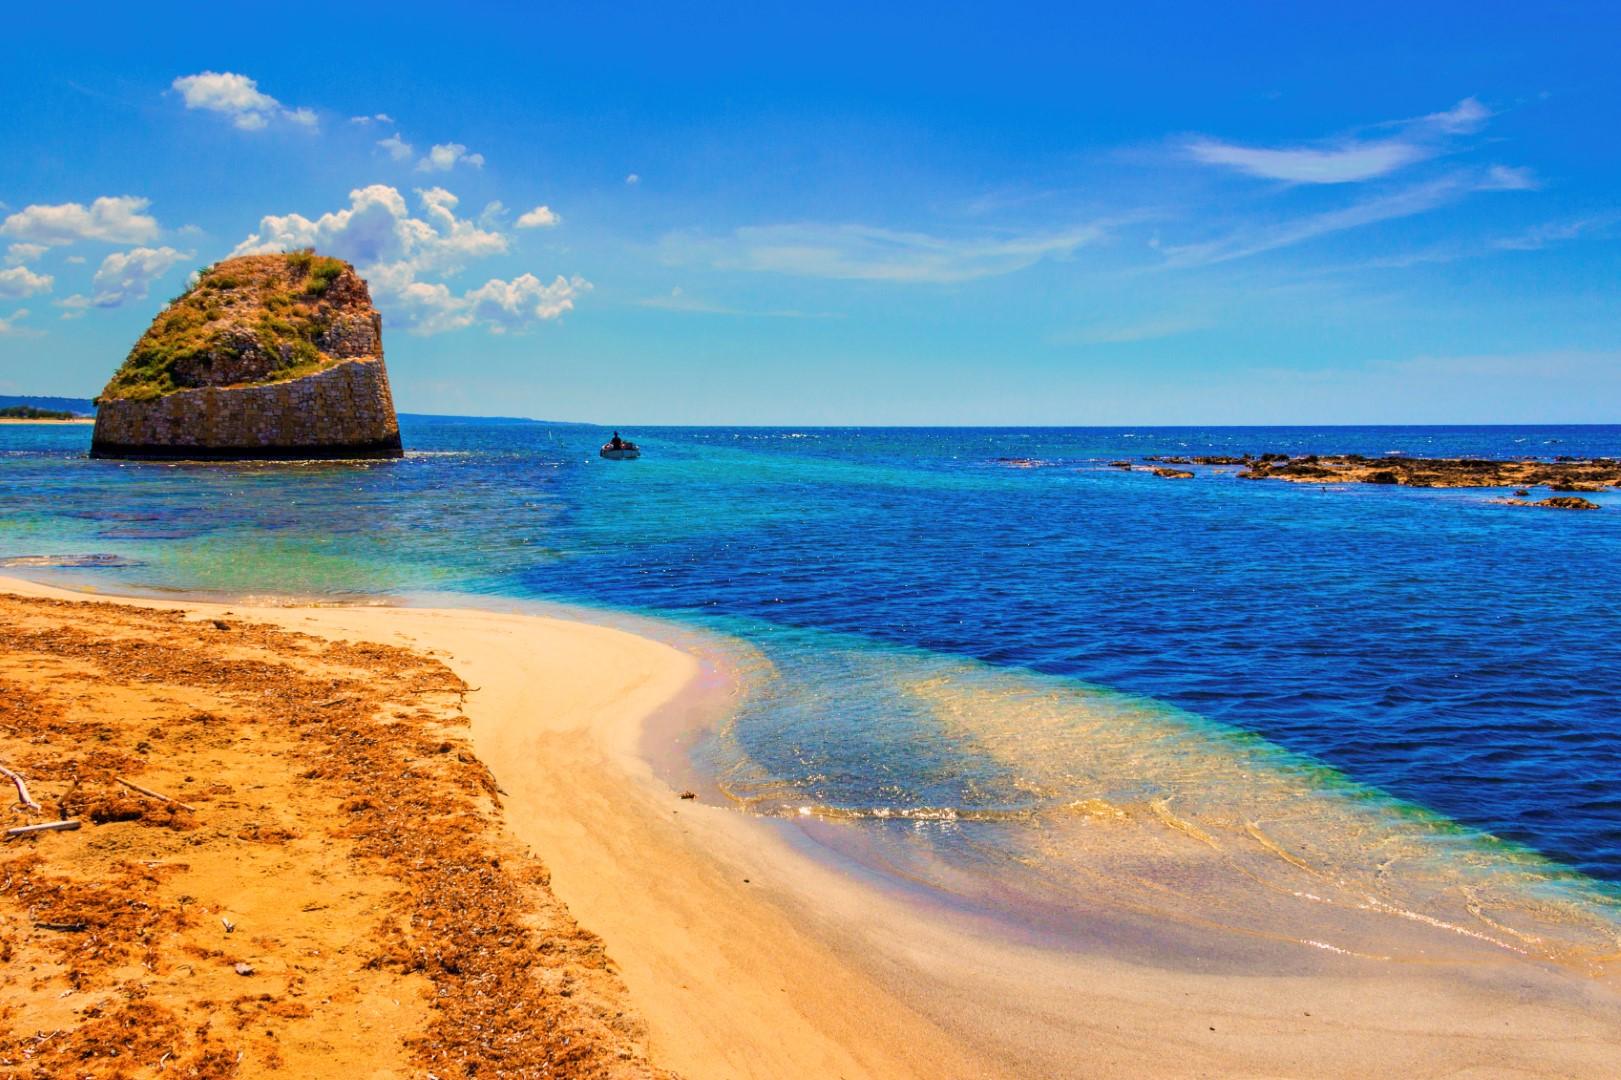 Il Salento si presenta: due mari di spiagge dorate